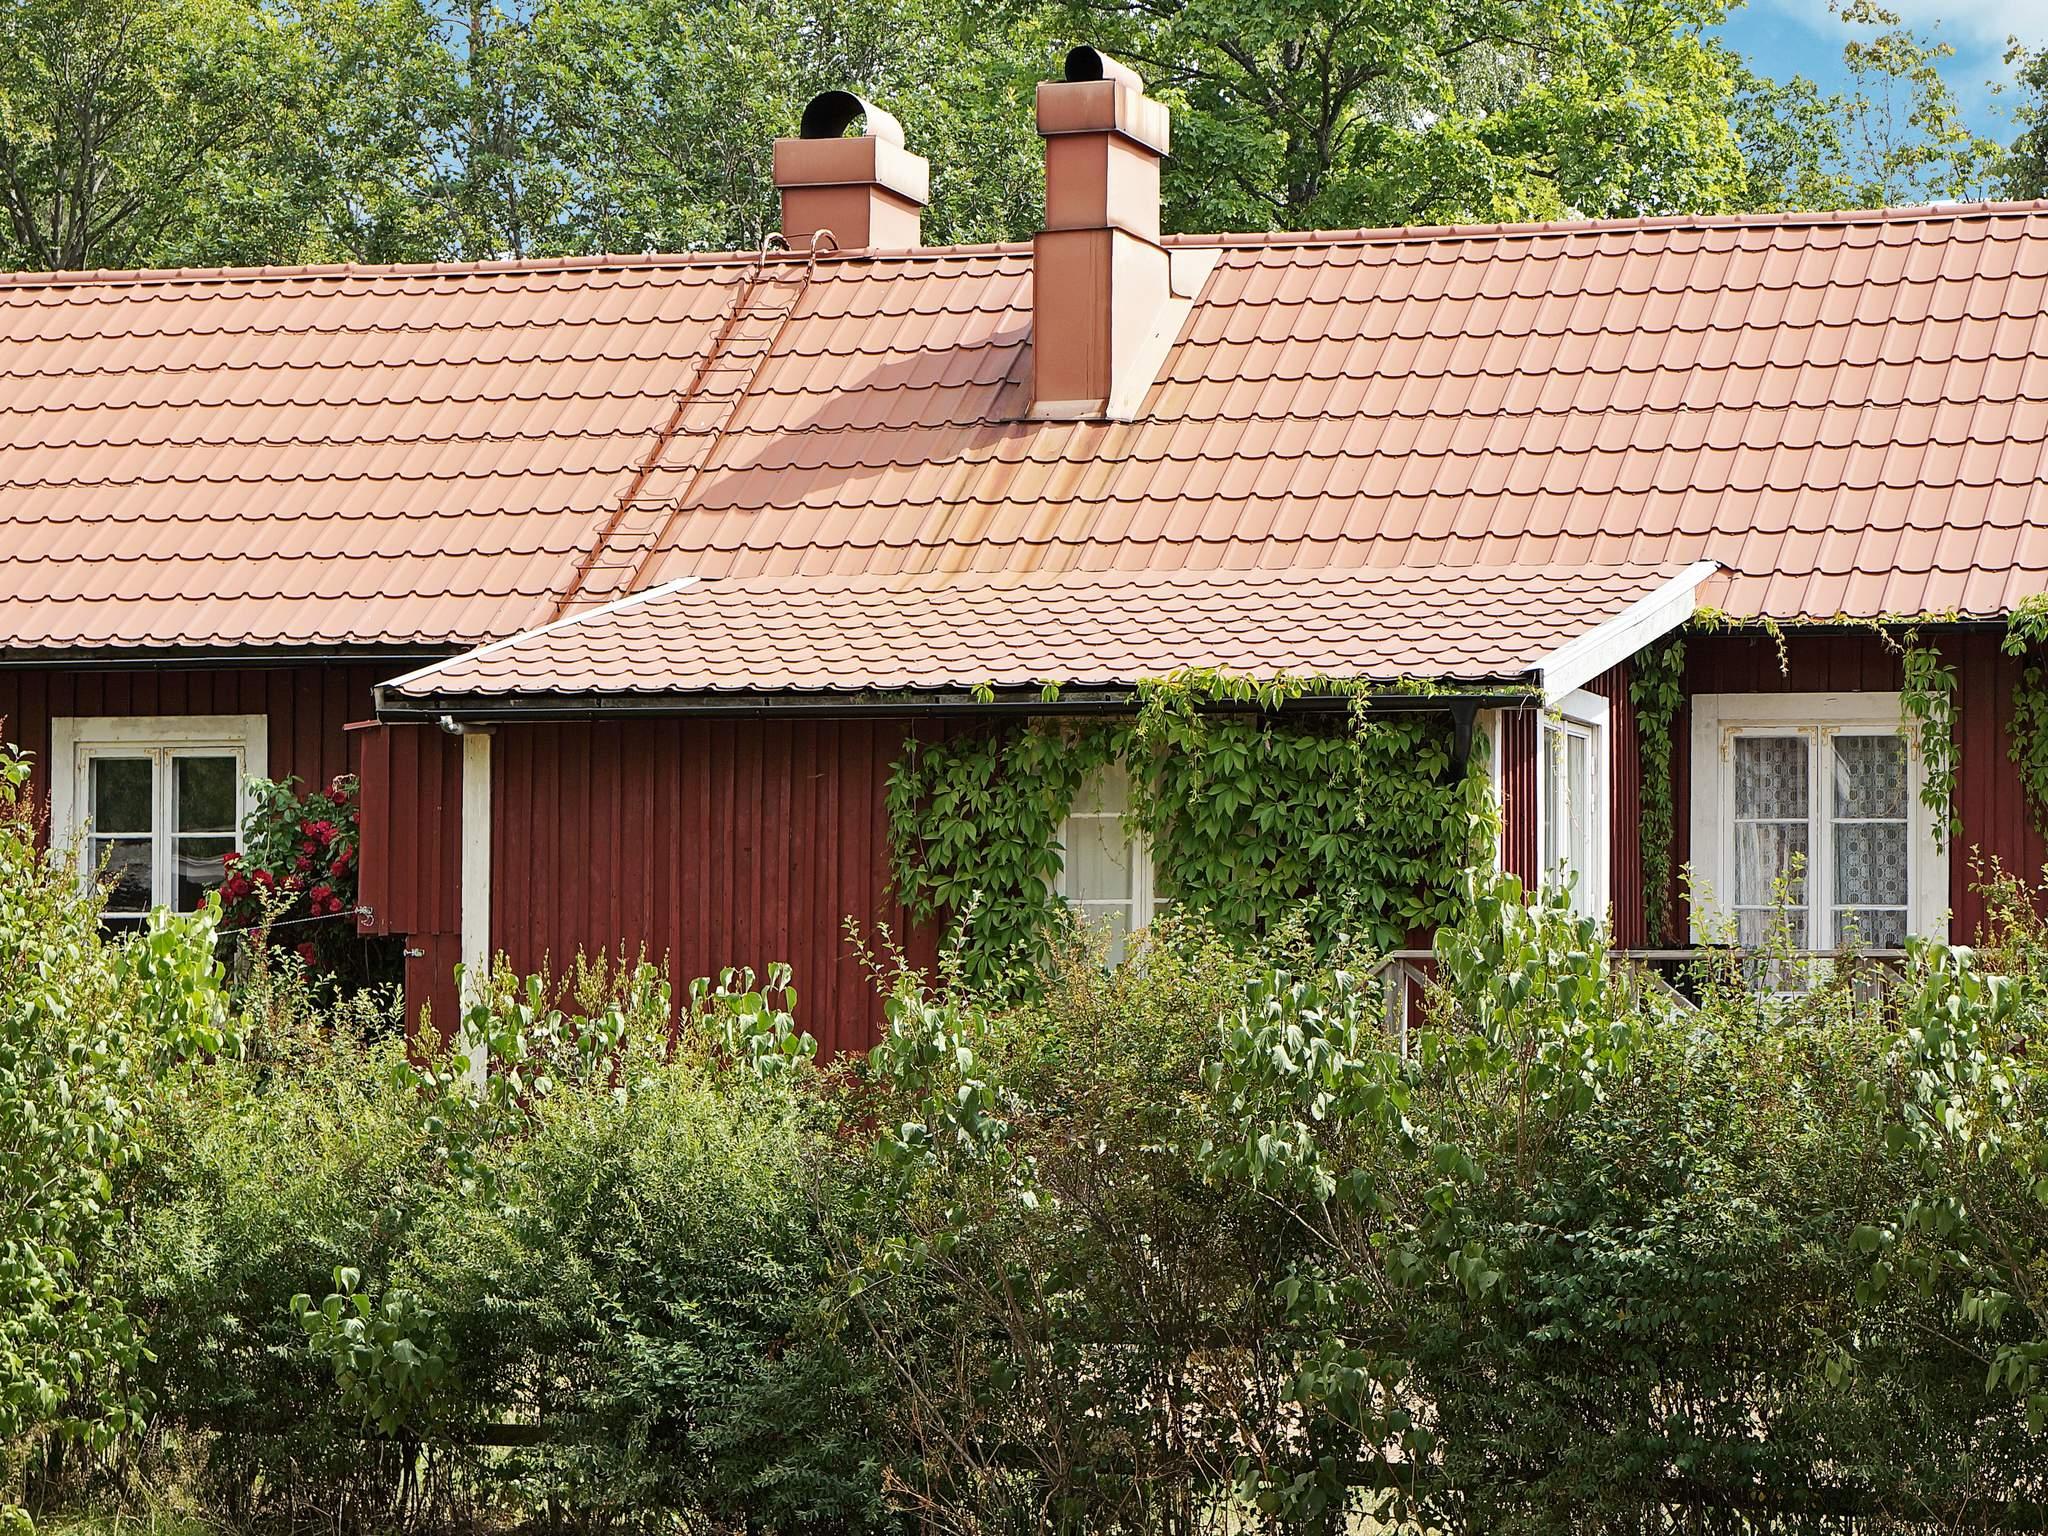 Ferienhaus Tving (135628), Tving, Blekinge län, Südschweden, Schweden, Bild 24